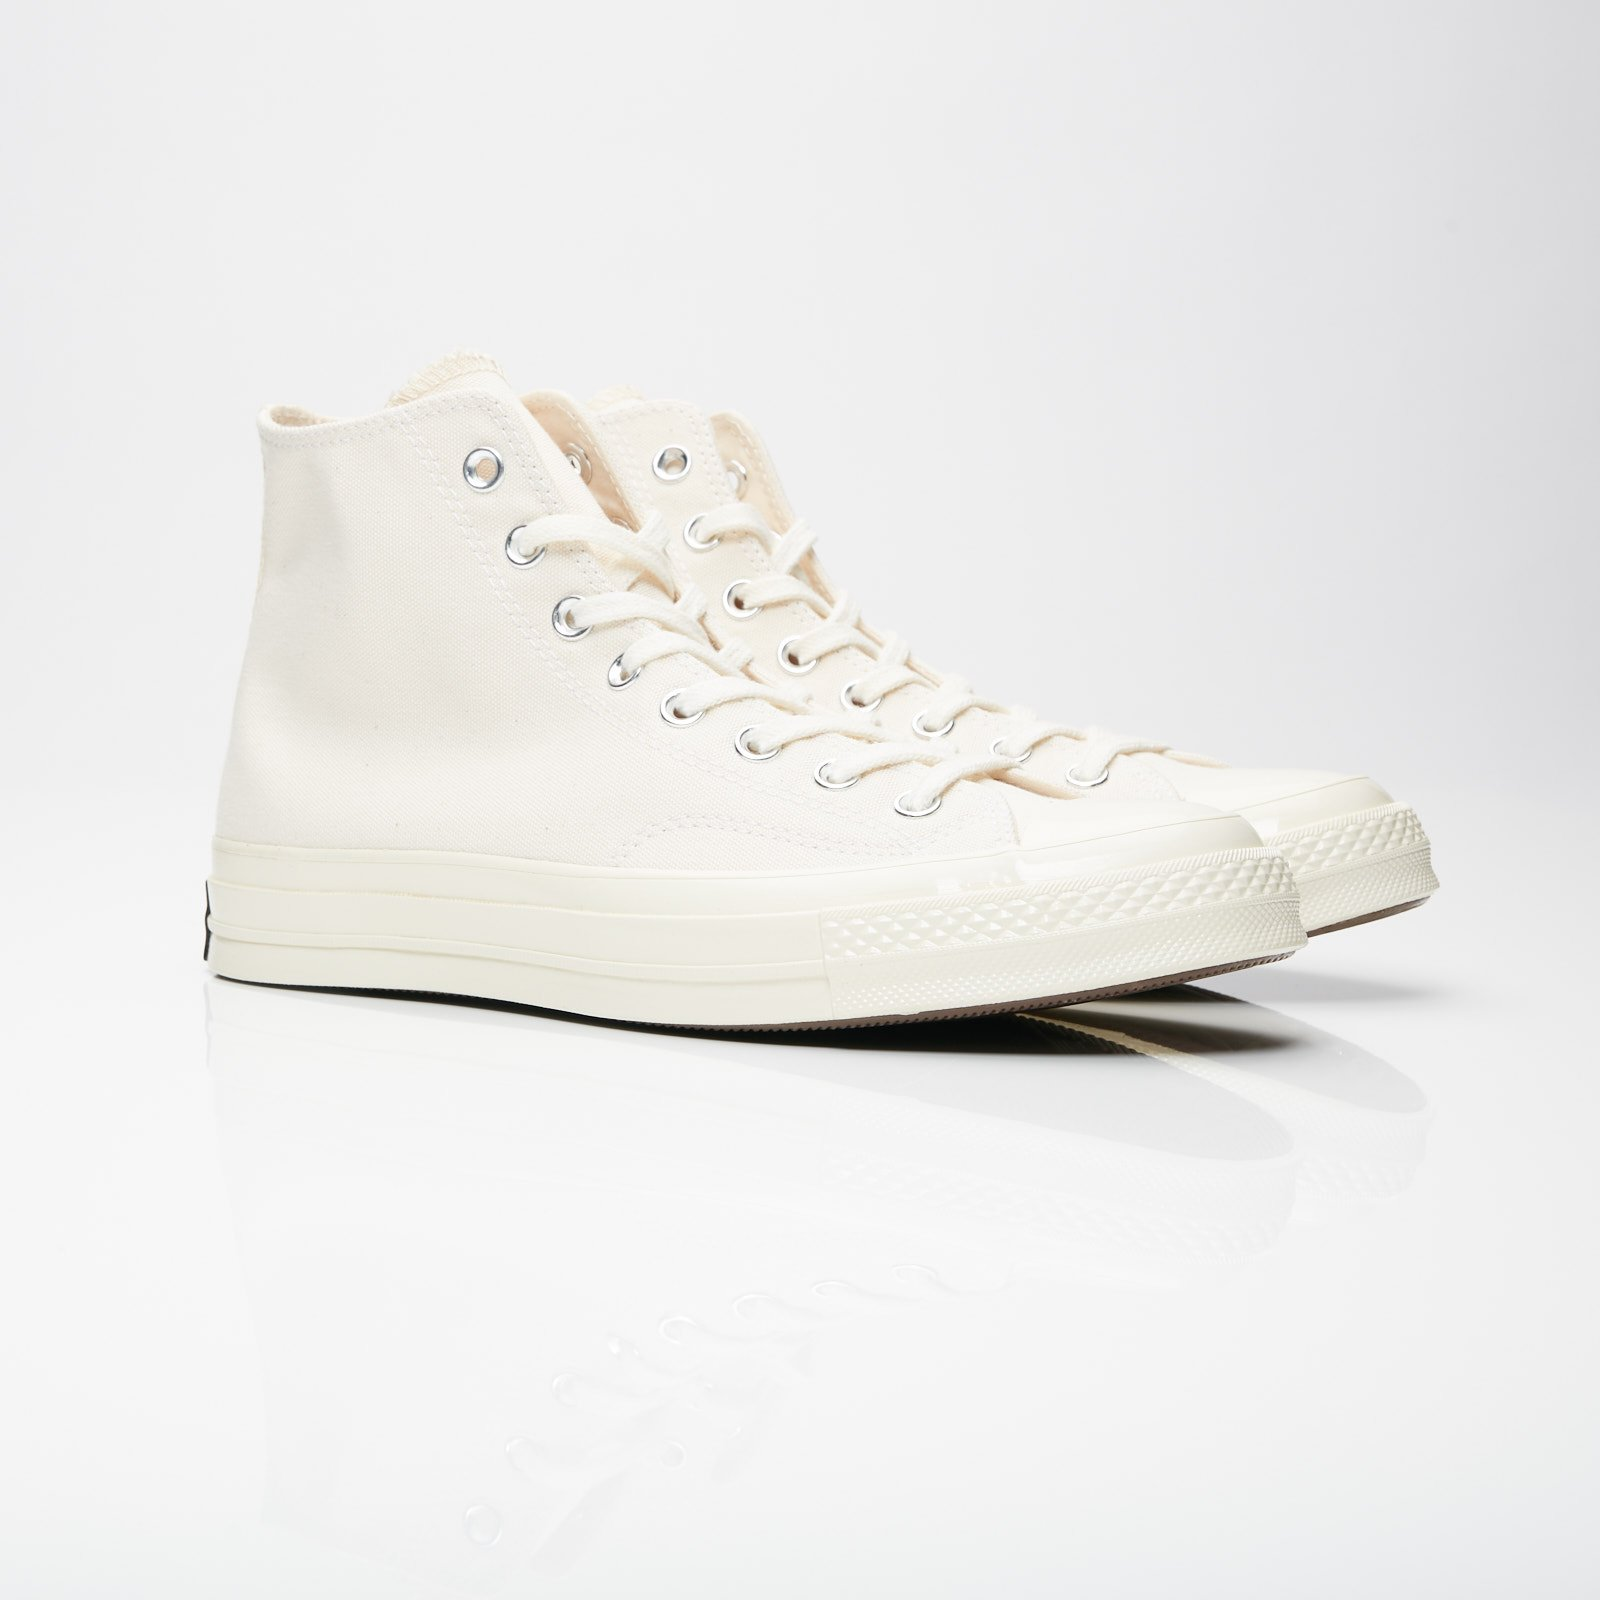 dfa681cd3ec4 Converse Chuck 70 Hi - 162210c - Sneakersnstuff